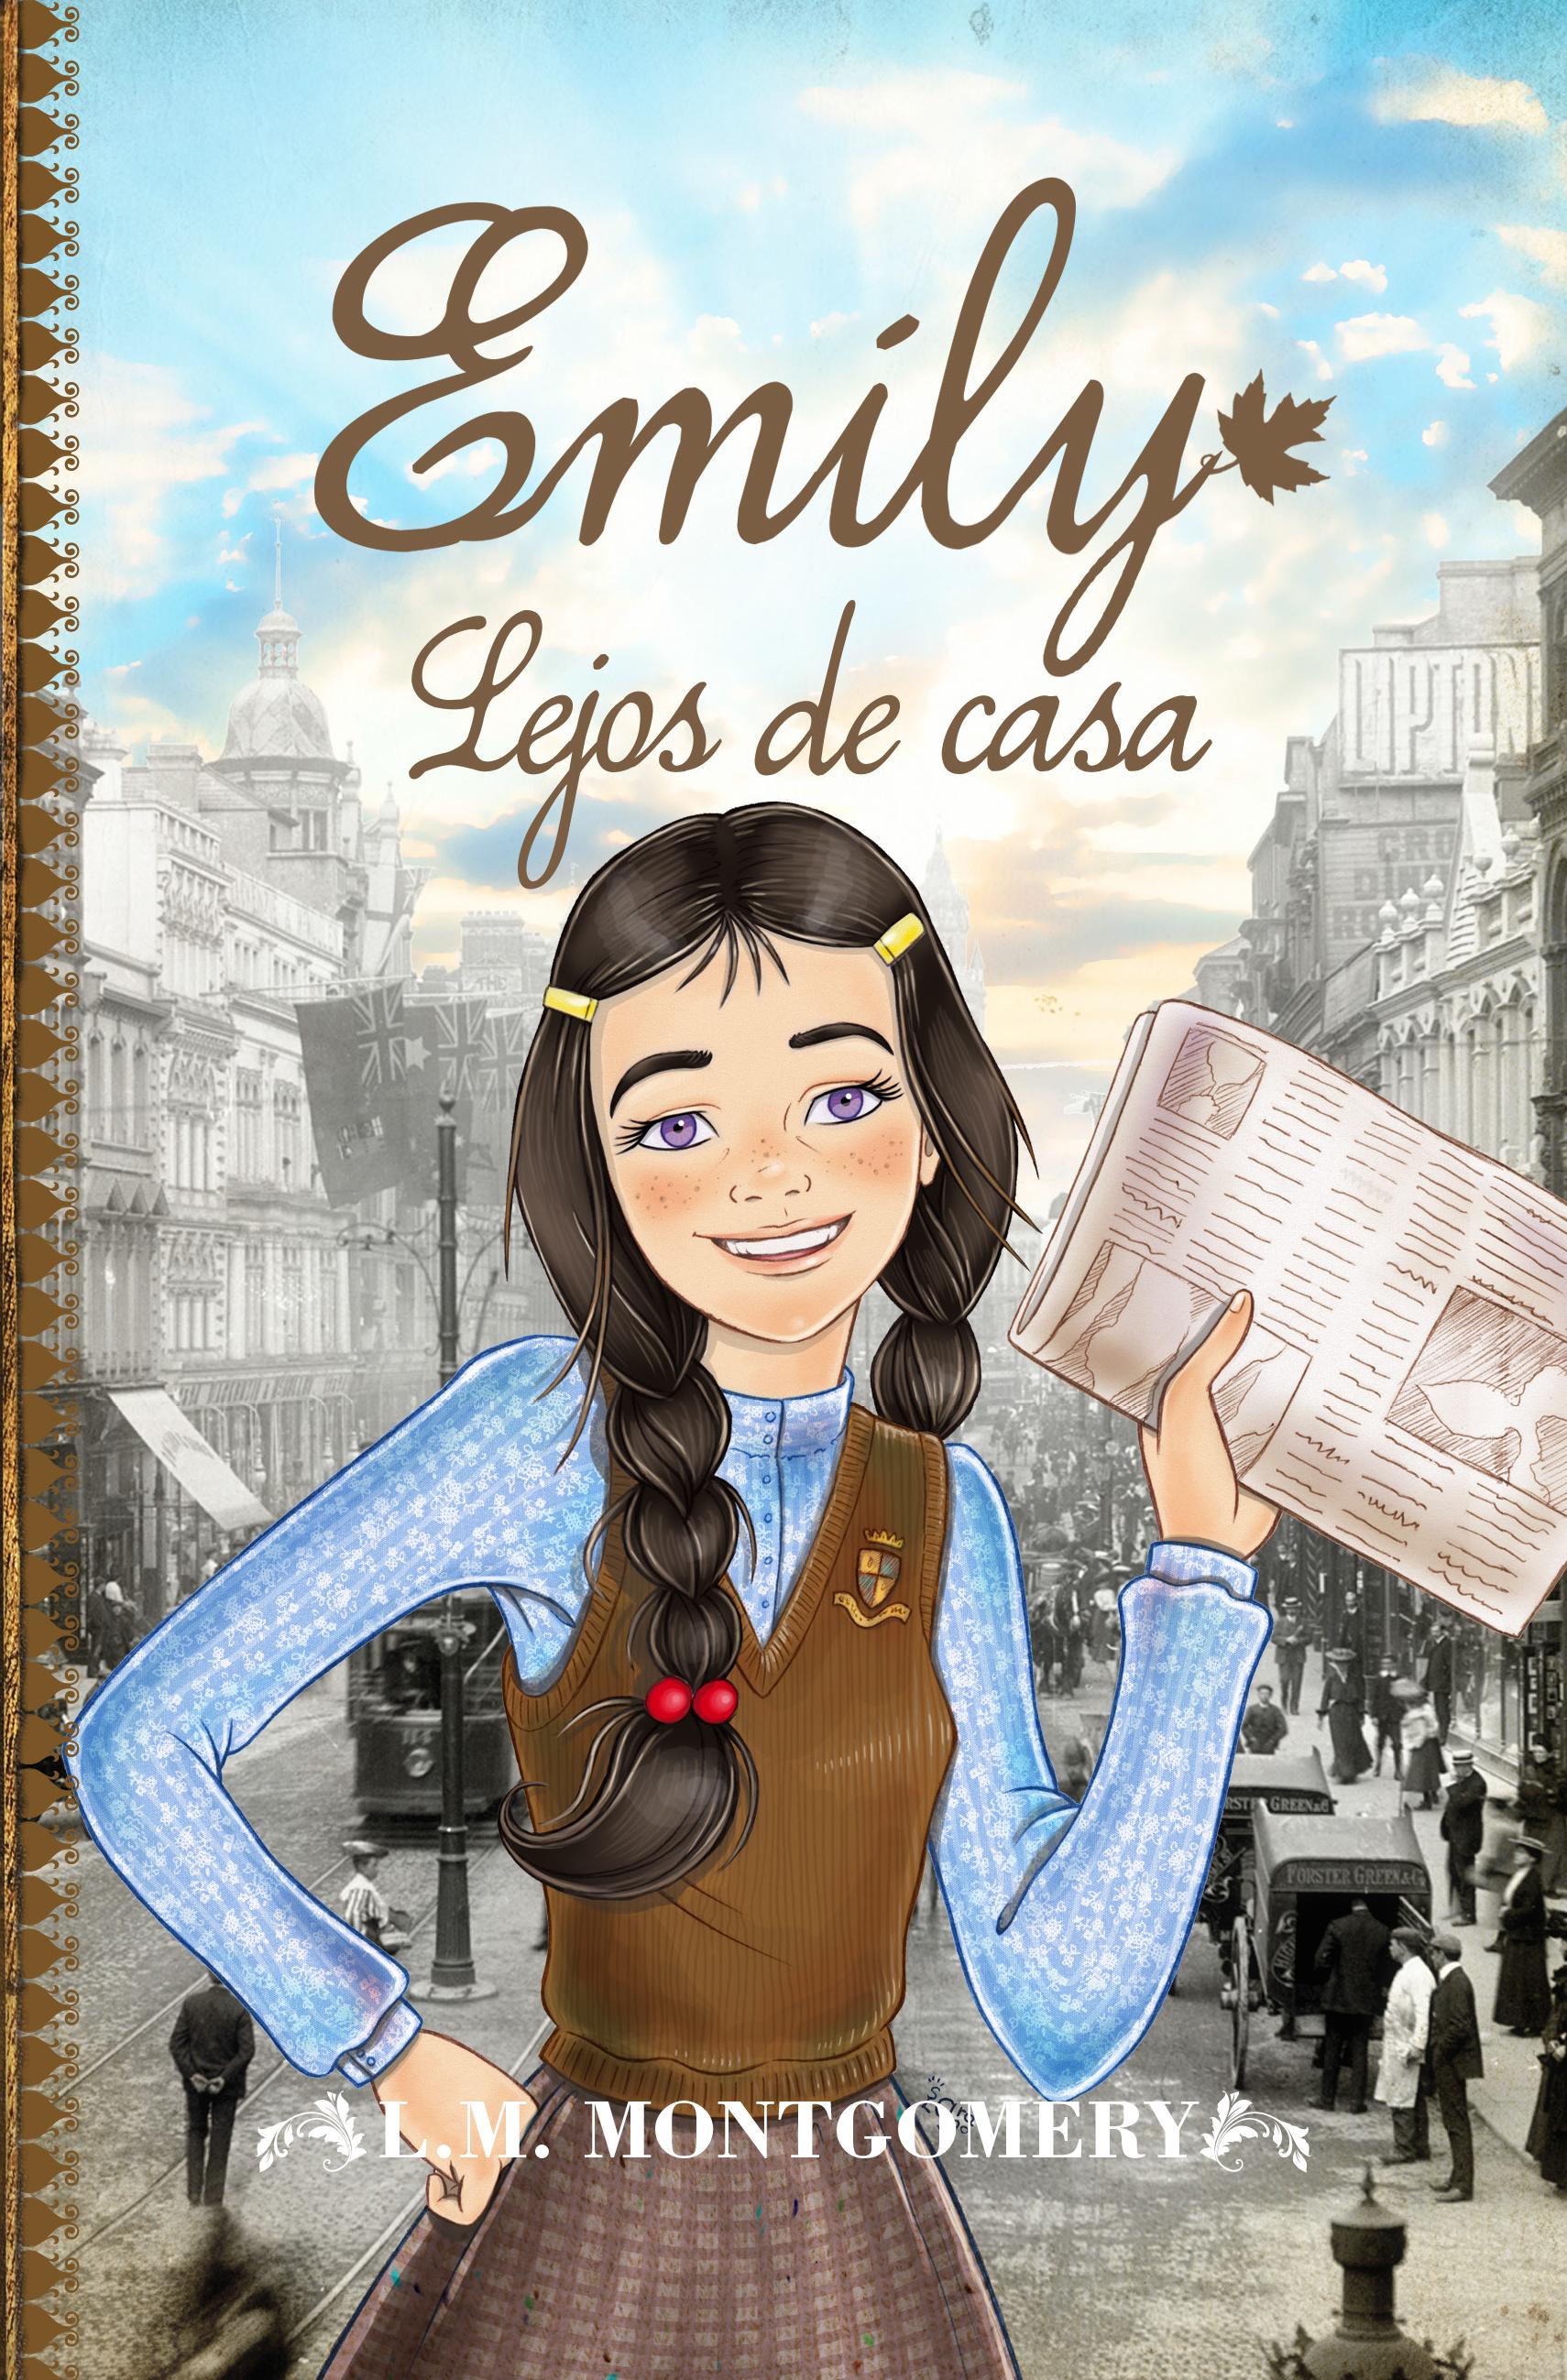 Emily lejos de casa (Emily #2)  by  L.M. Montgomery